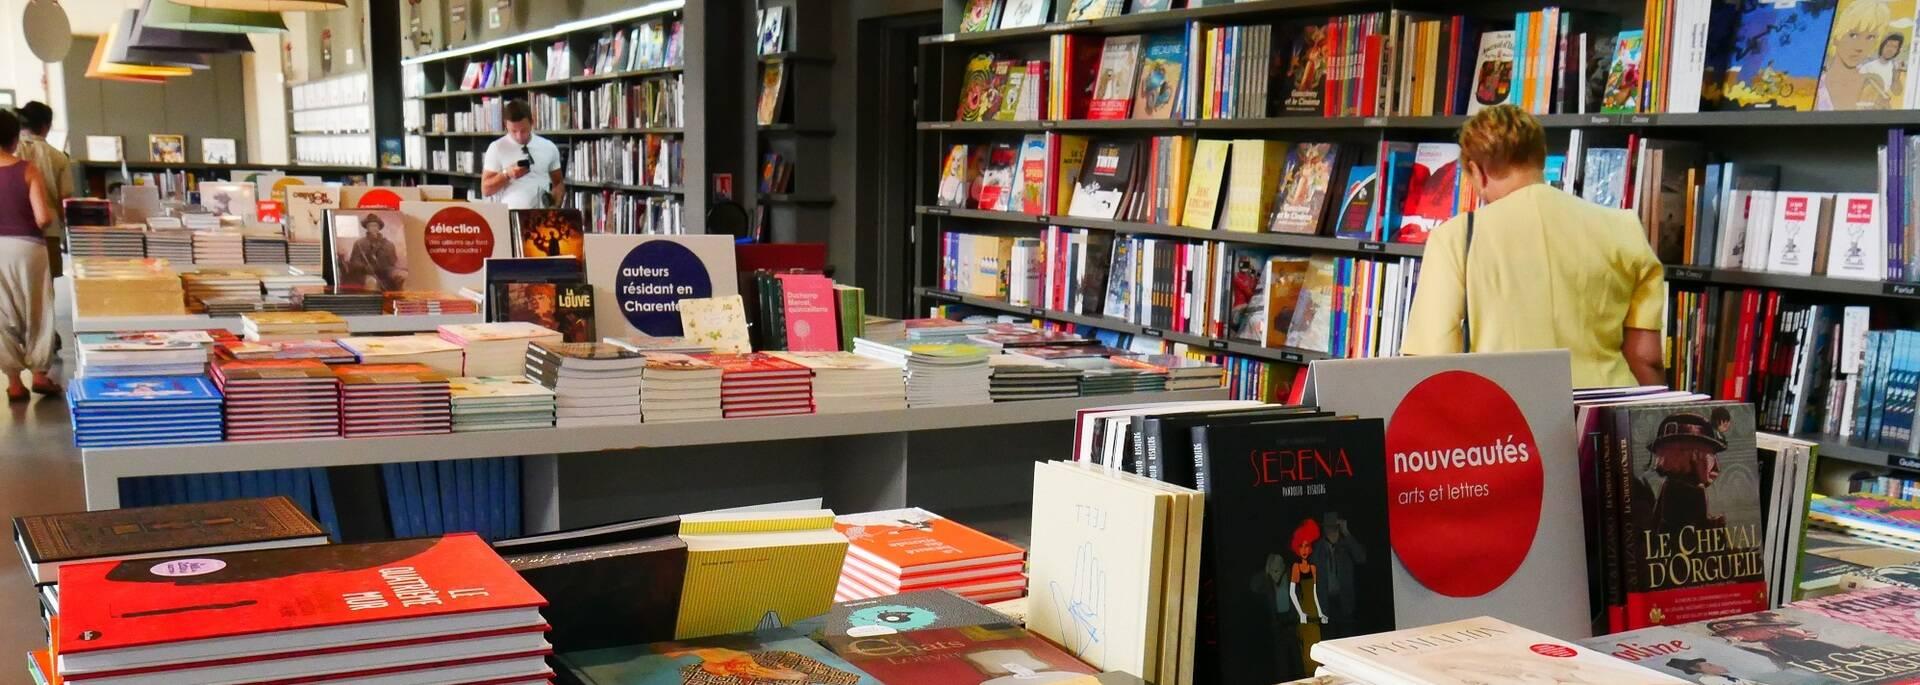 La librairie et ses 30 000 références - ©P.Migaud / FDHPA17